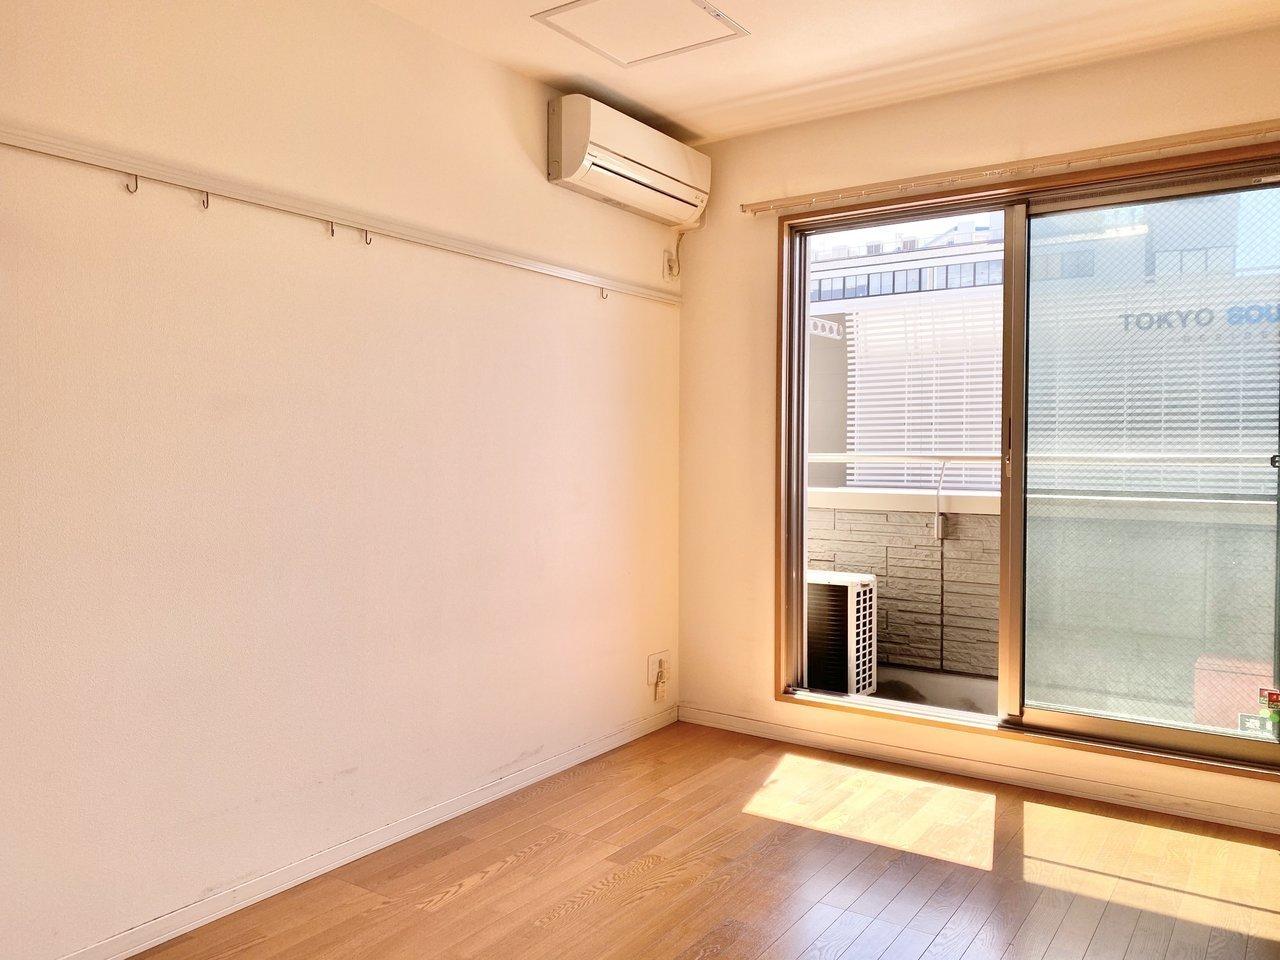 ご紹介するのは、5.9畳の1Kタイプのお部屋。ちょっとコンパクトなお部屋かな?と思うでしょうが……。